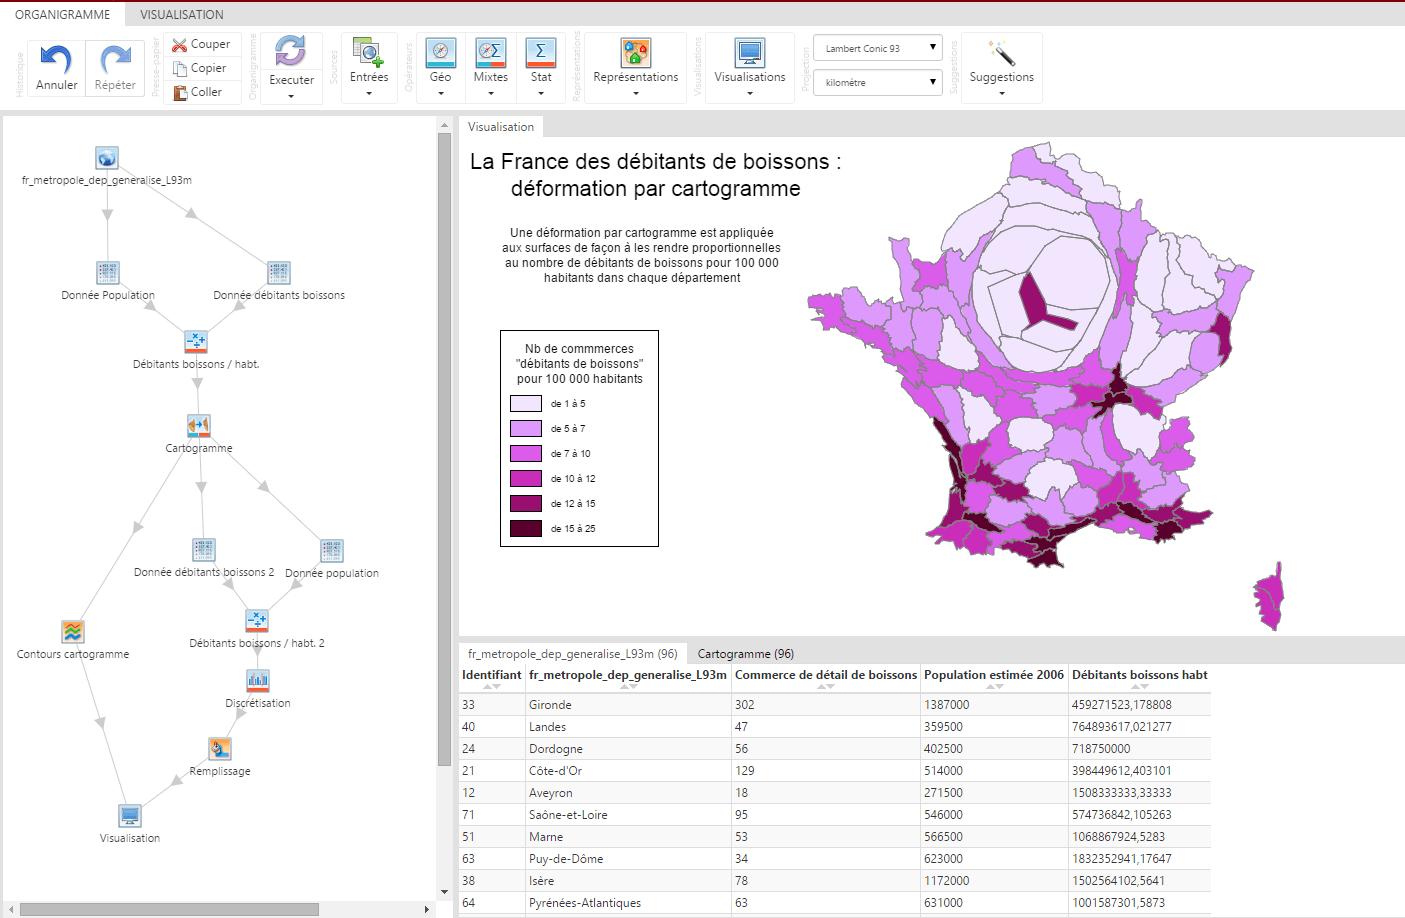 Cartogramme des débitants de boissons en France